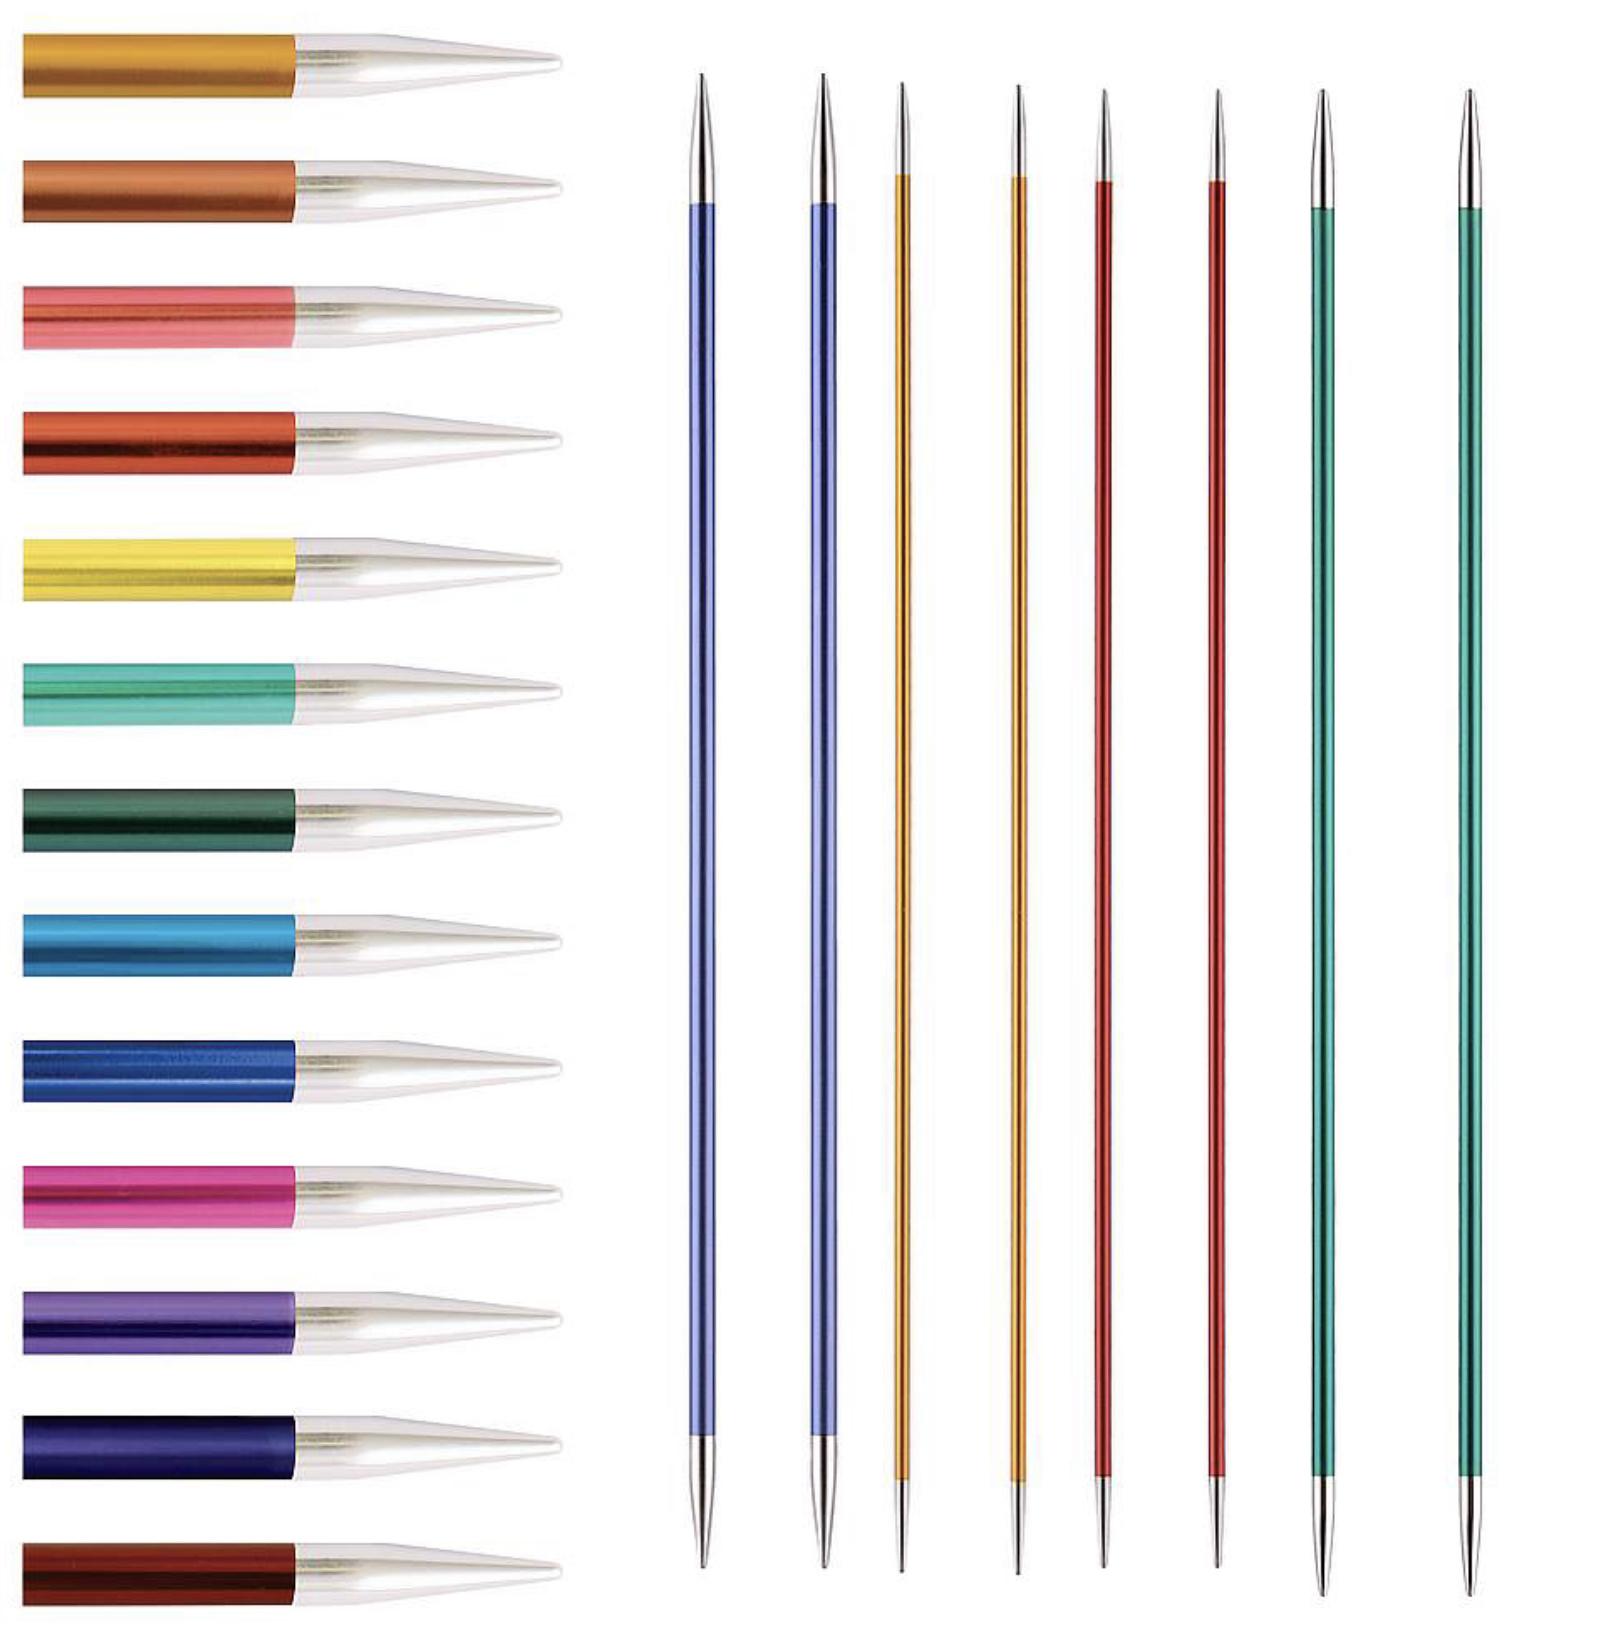 Knit Pro Zing KnitPro Zing Nadelspiel 5,0 mm - 15 cm